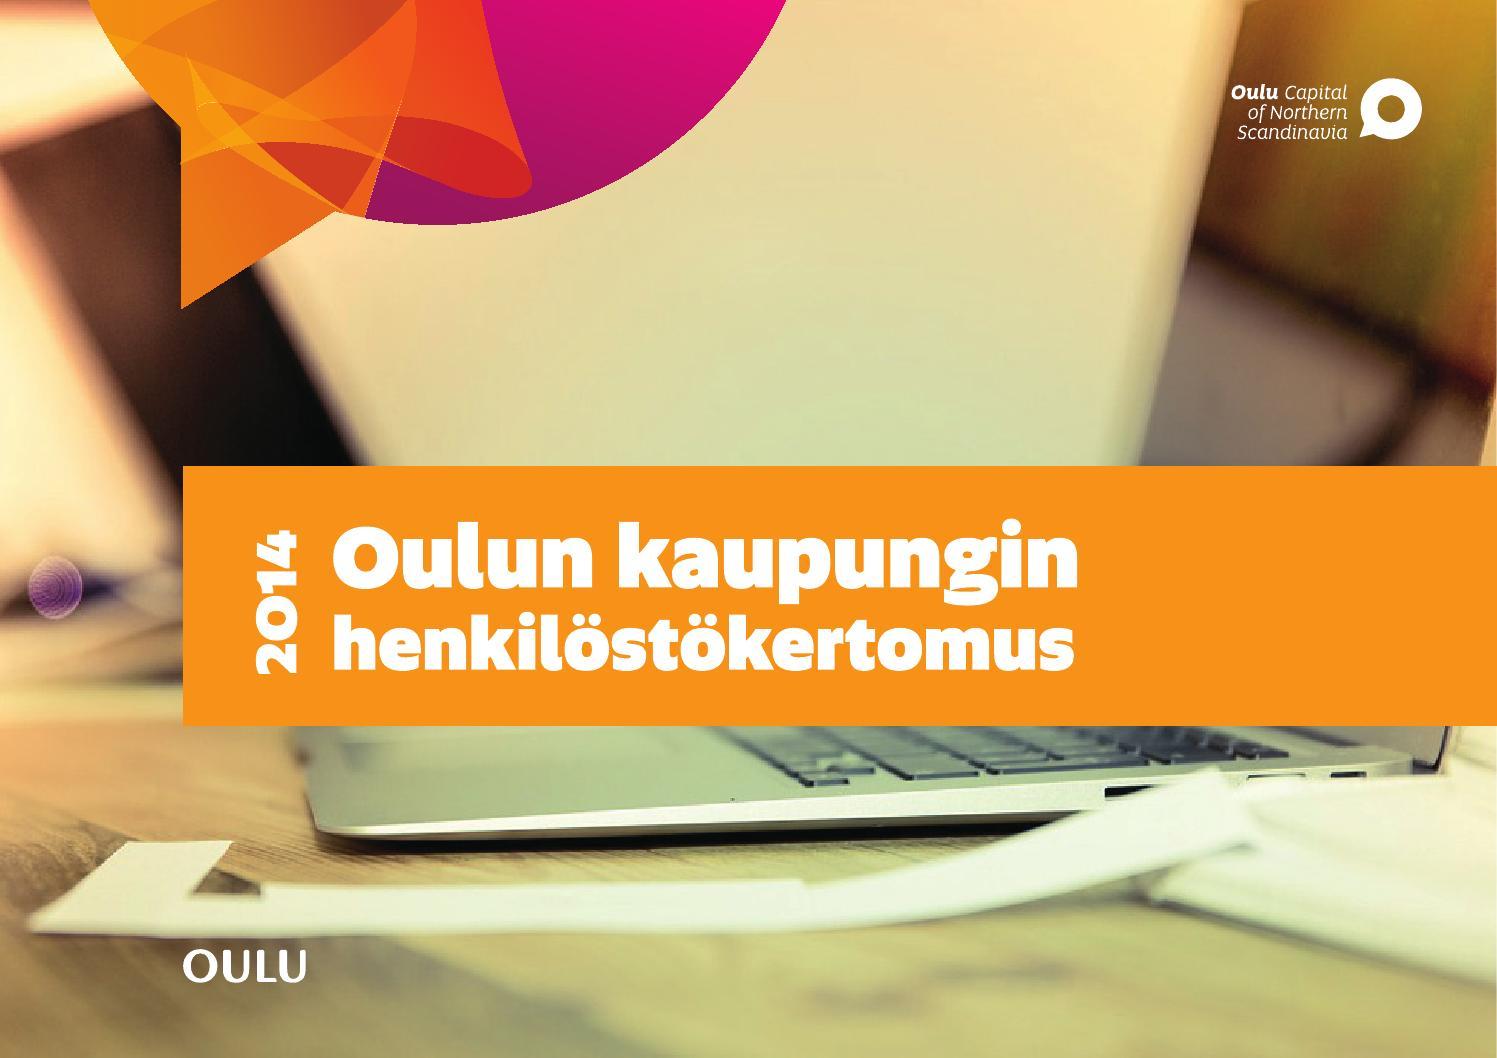 Oulun kaupungin lastensuojelupalveluissa kiinnitettävä huomiota lastensuojelun määräaikoihin ja toiminnan omavalvontaan